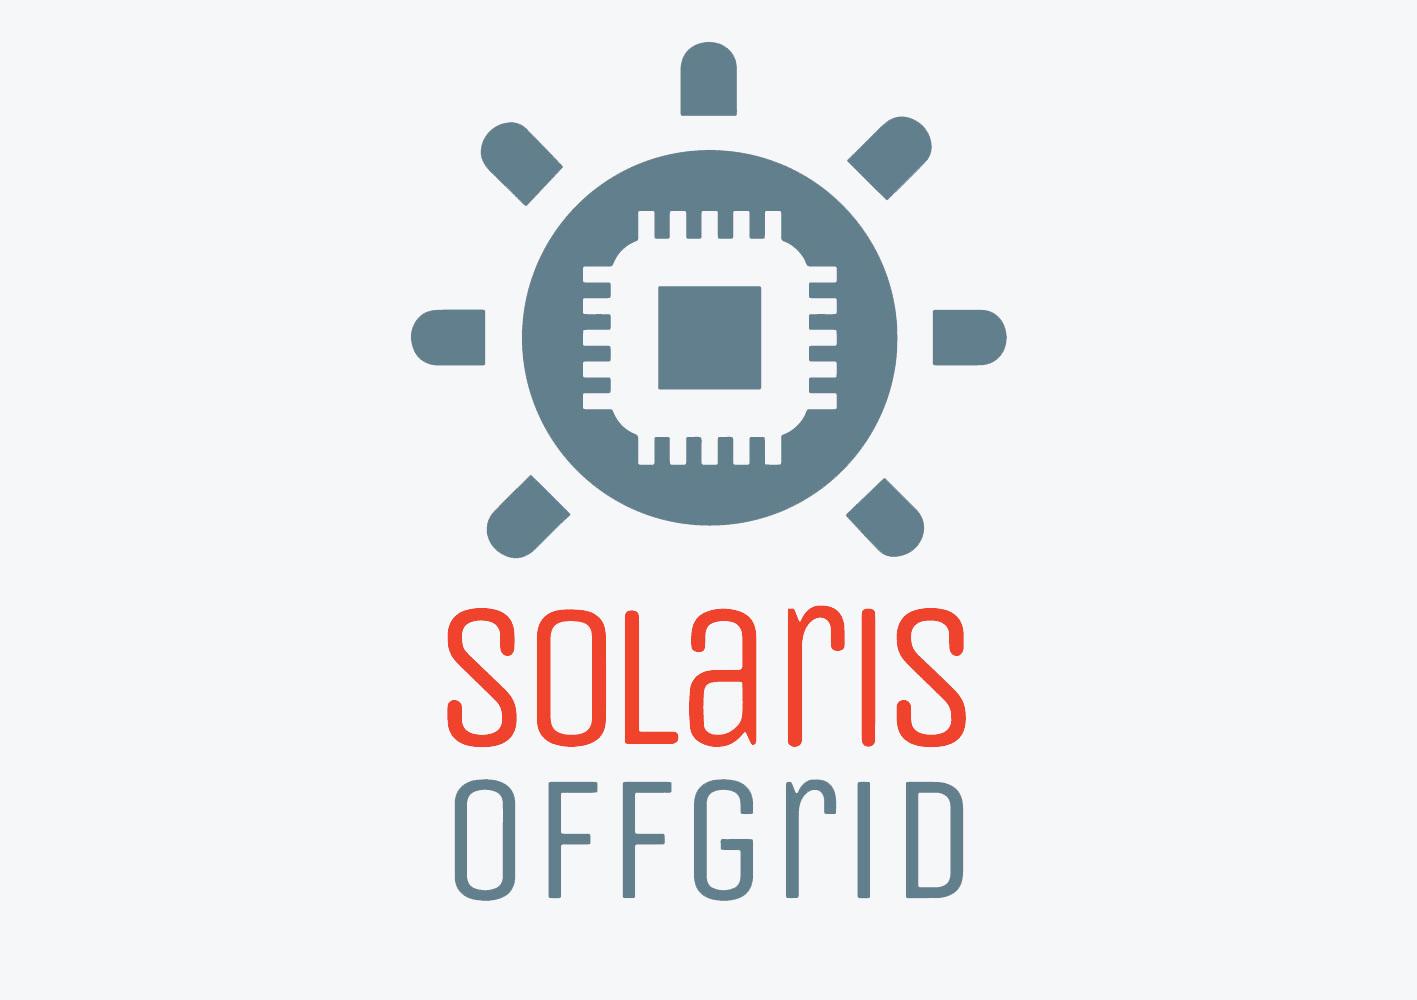 Solaris Offgrid logo